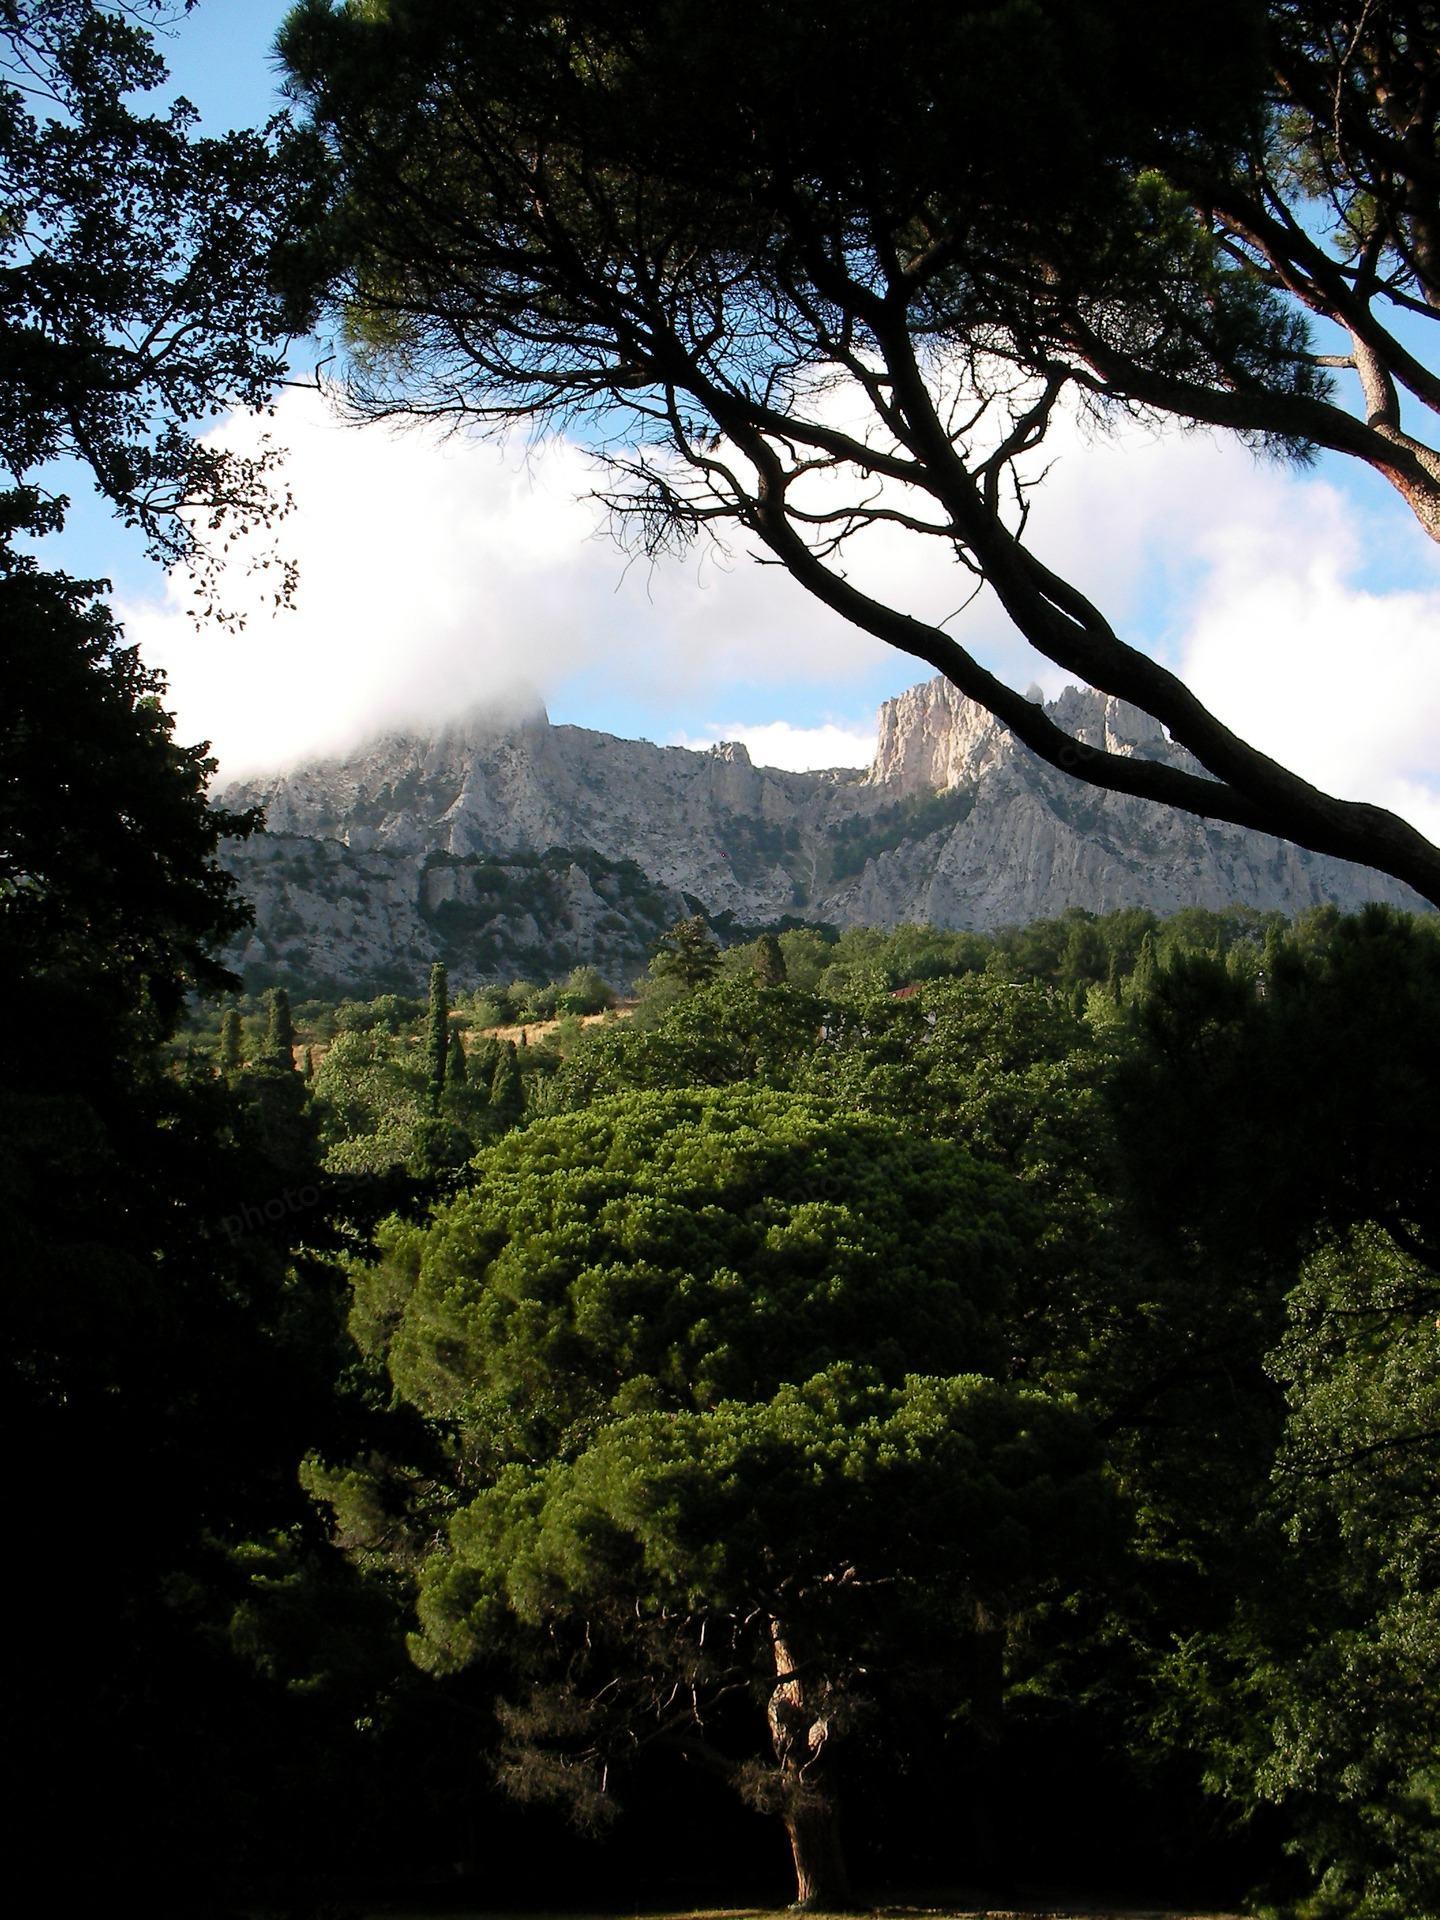 Όμορφη θέα στα Βουνά της Κριμαίας μέσα από τα δέντρα και τα σύννεφα